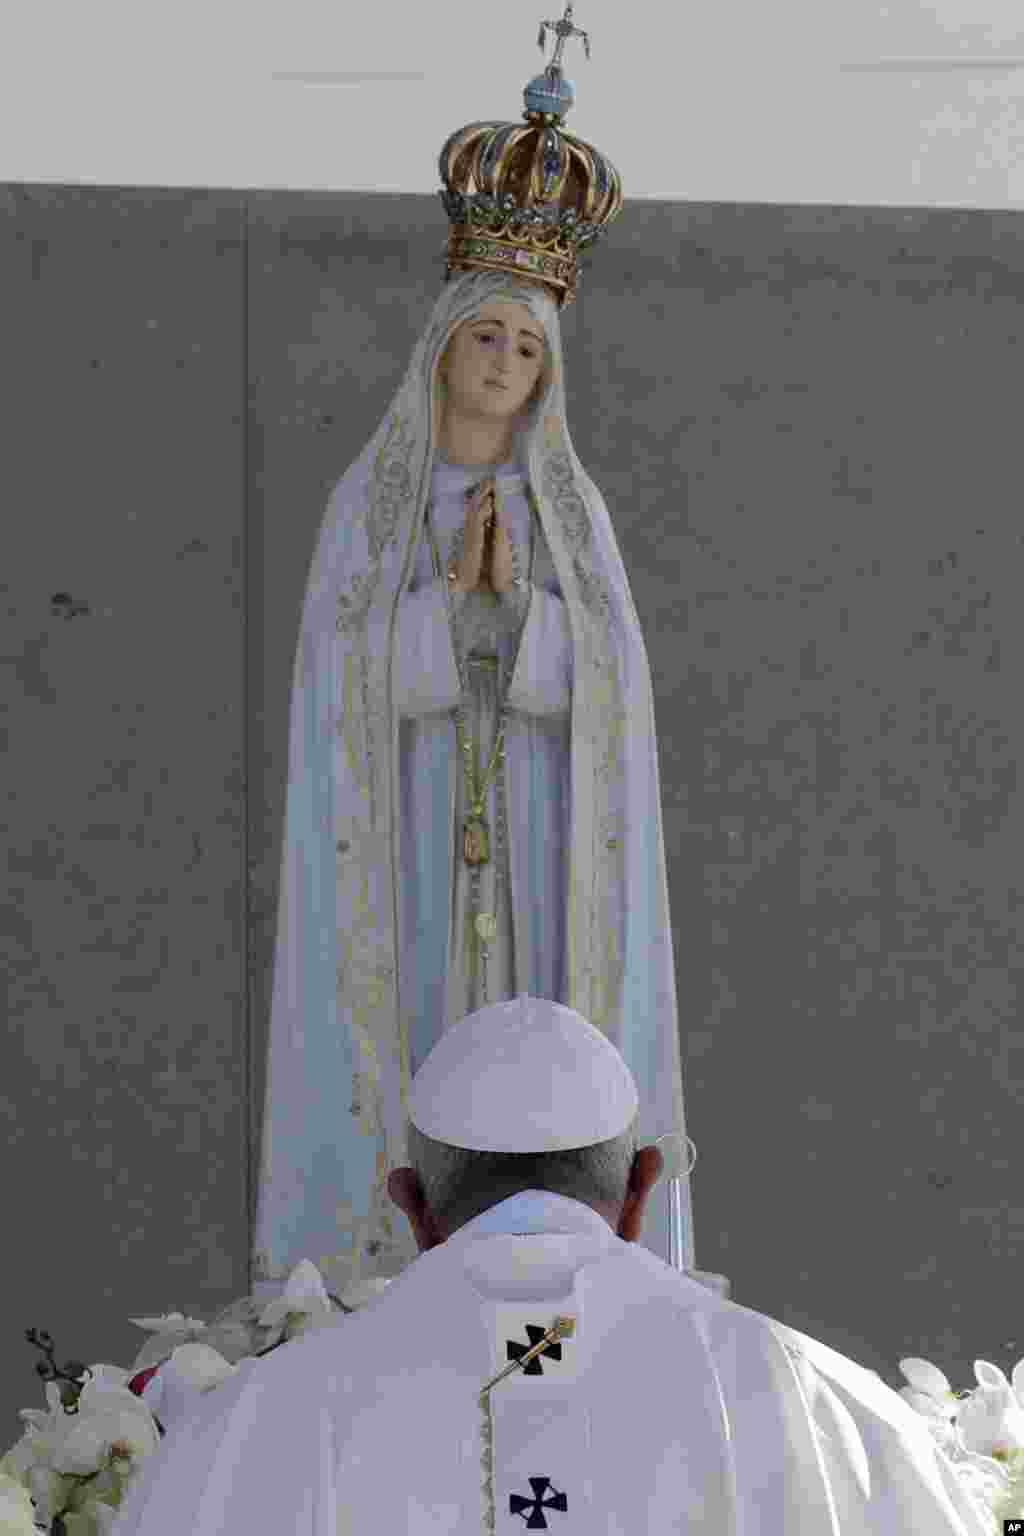 دعای پاپ فرانسیس رهبر کاتولیک های جهان مقابل مجسمه مریم مقدس در زیارتگاه فاطیما در پرتغال